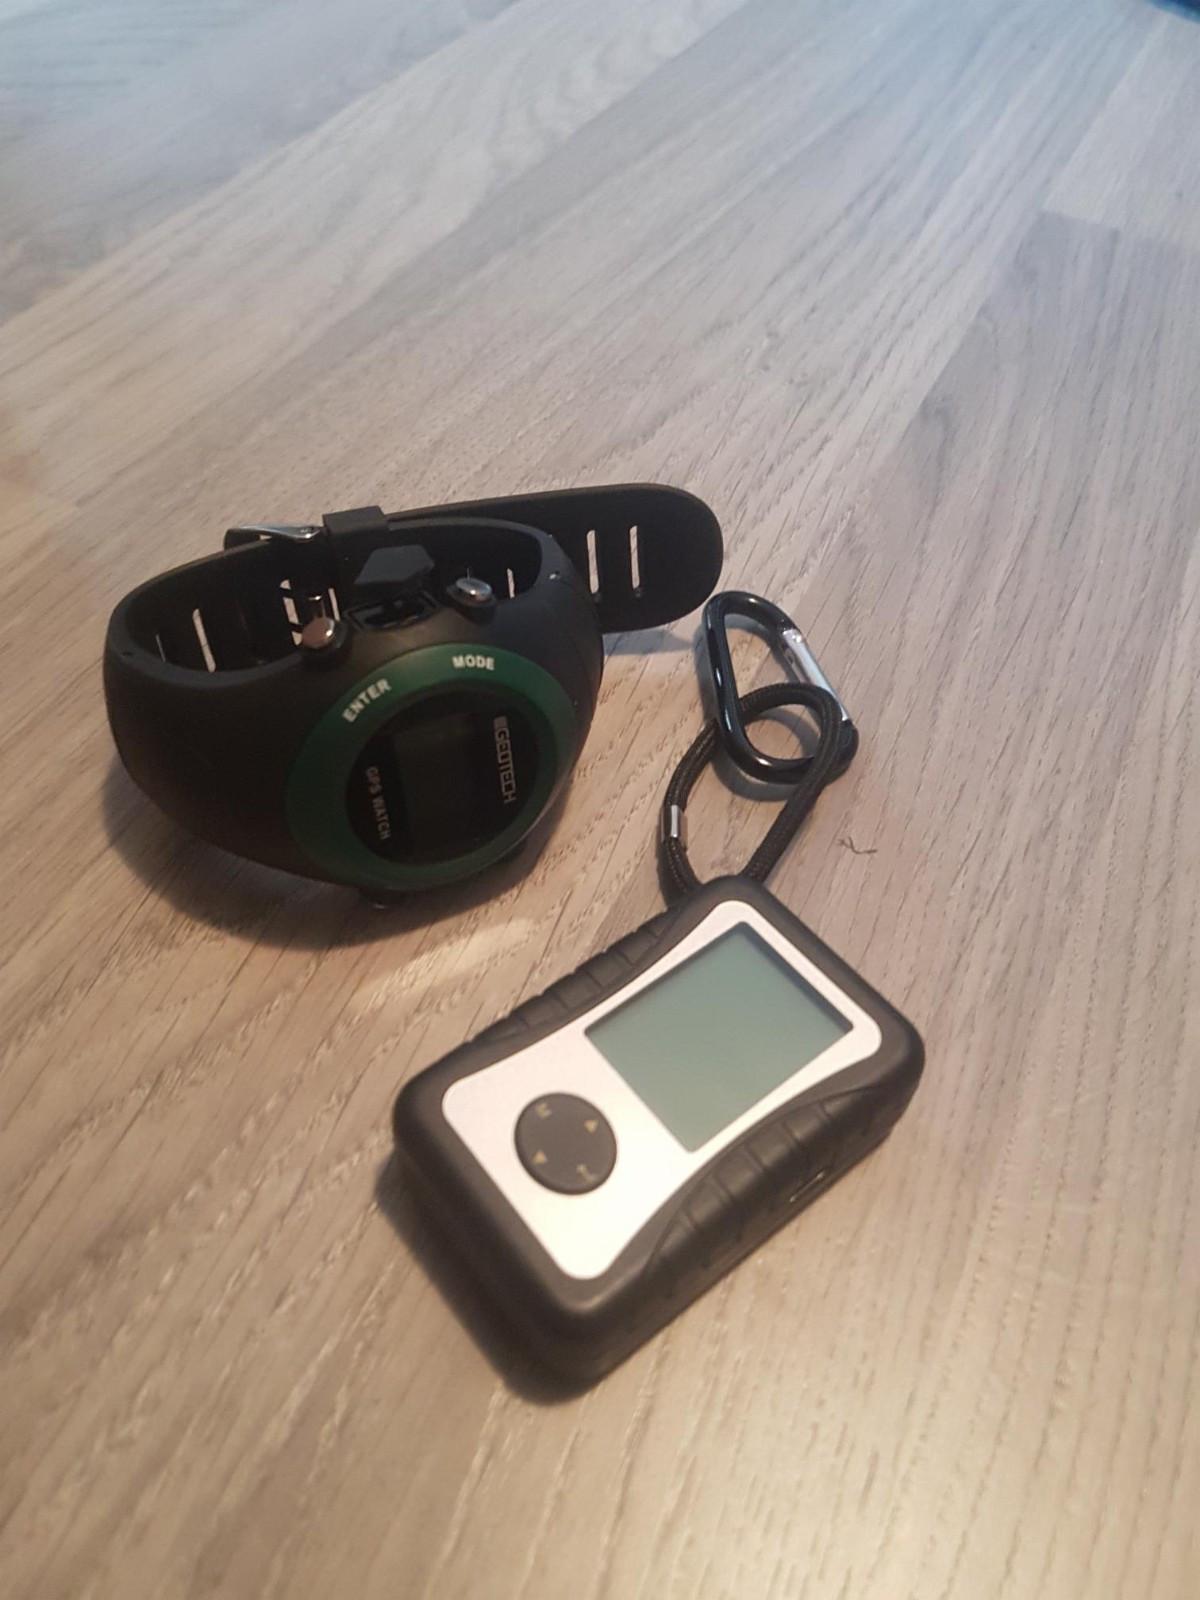 GPS Klokke og Locator - Spongdal  - GPS Locator + GPS klokke selges.   Aldri vært brukt  Som man ser på bildene, så virker disse.   - Klokken er oppladbar - Locatoren har AAA batteri.   Litt usikker på igangsettelse av disse, men dette finner man lett - Spongdal